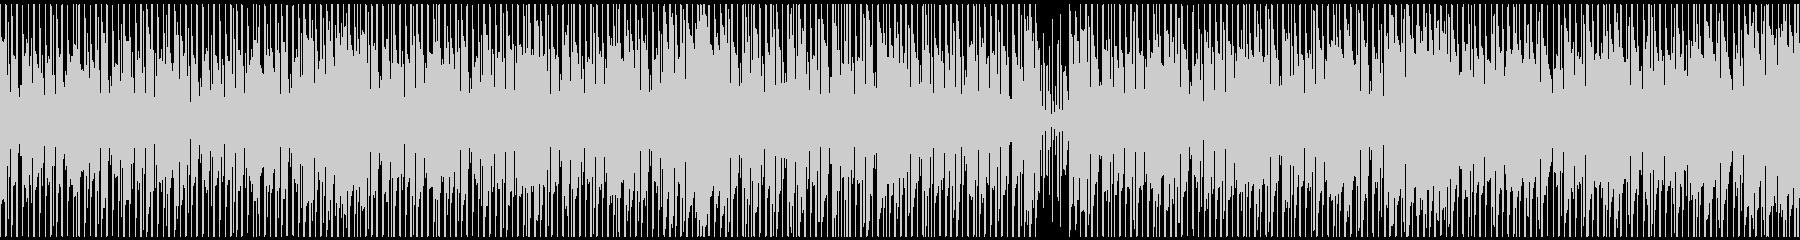 「ほのぼの・爽やか」ポップ(LOOP版)の未再生の波形